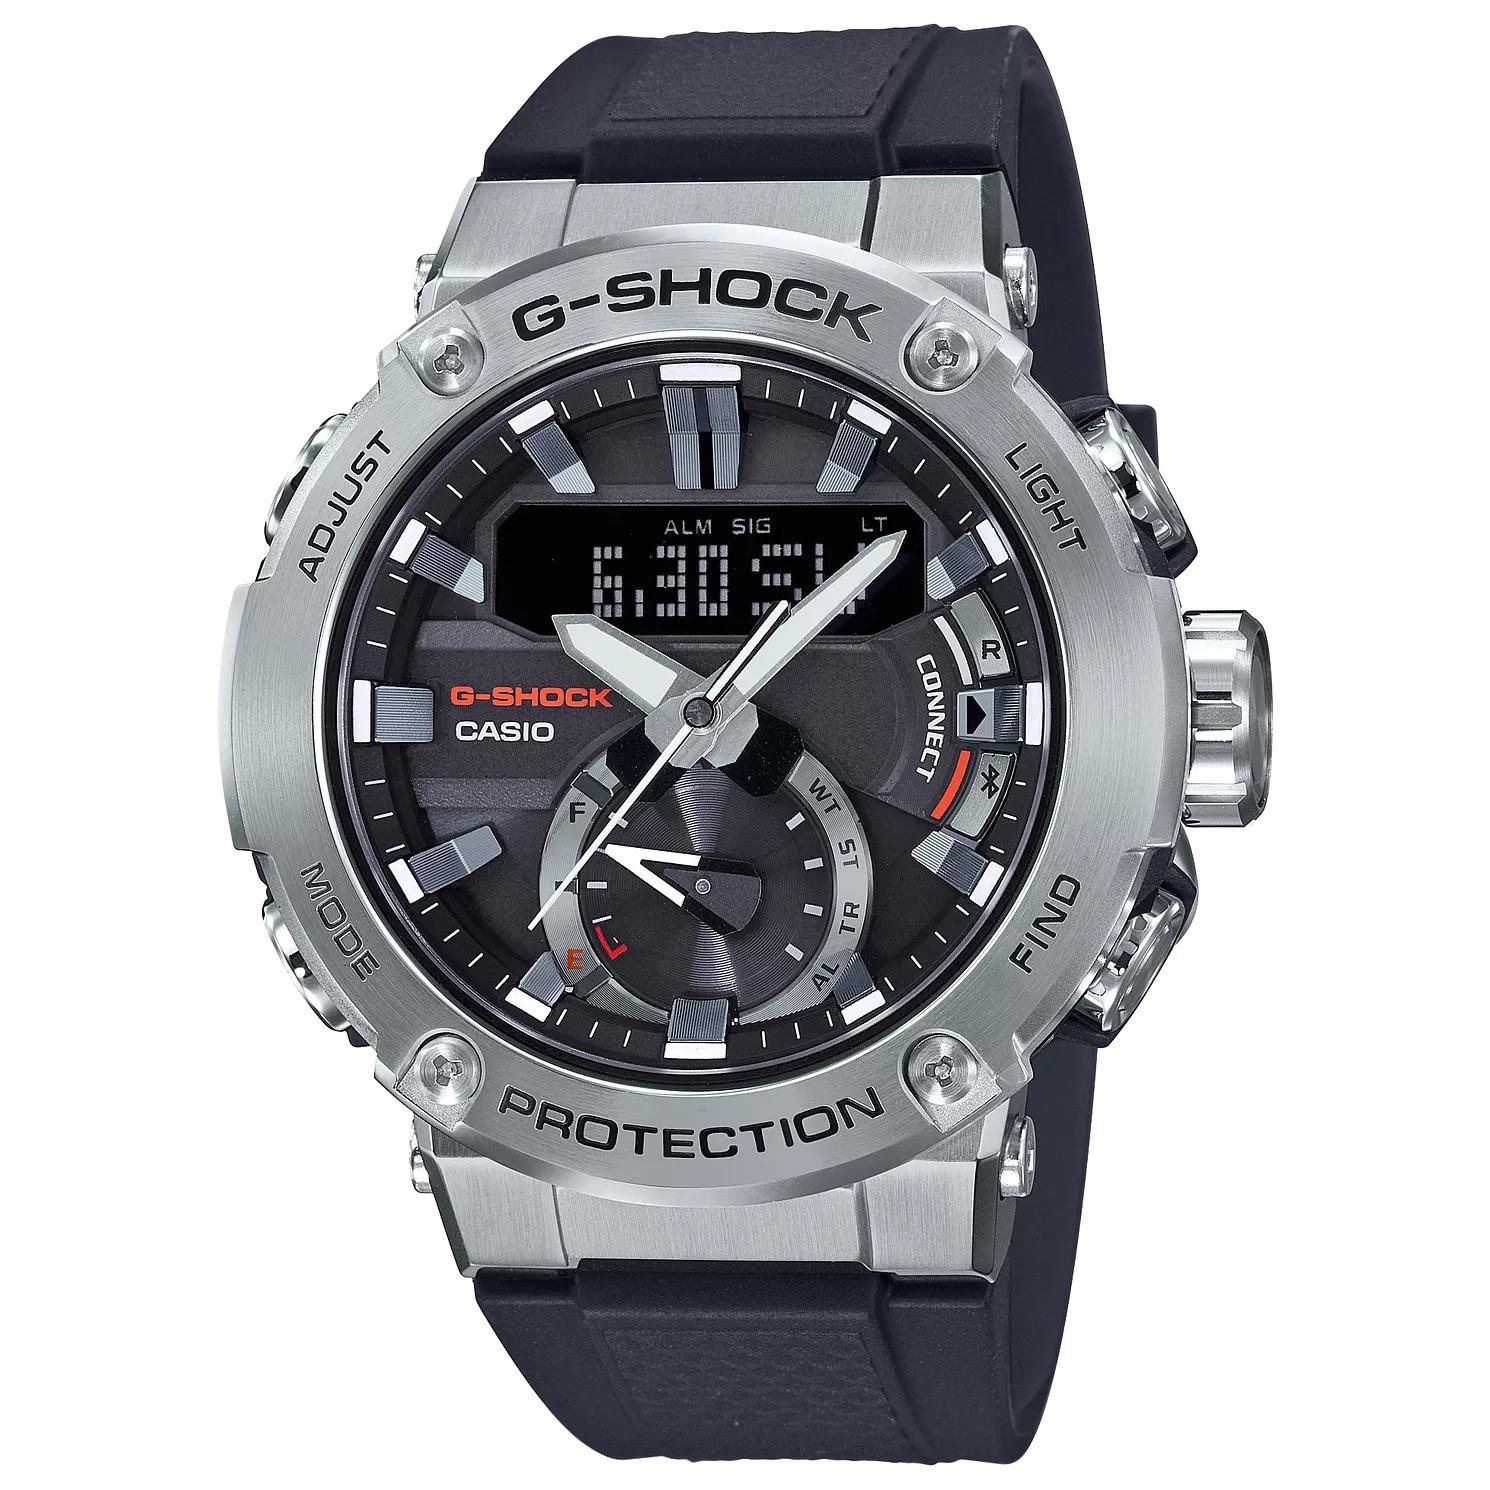 Casio G-Shock - GST-B200-1AER £111.20 @ H Samuel